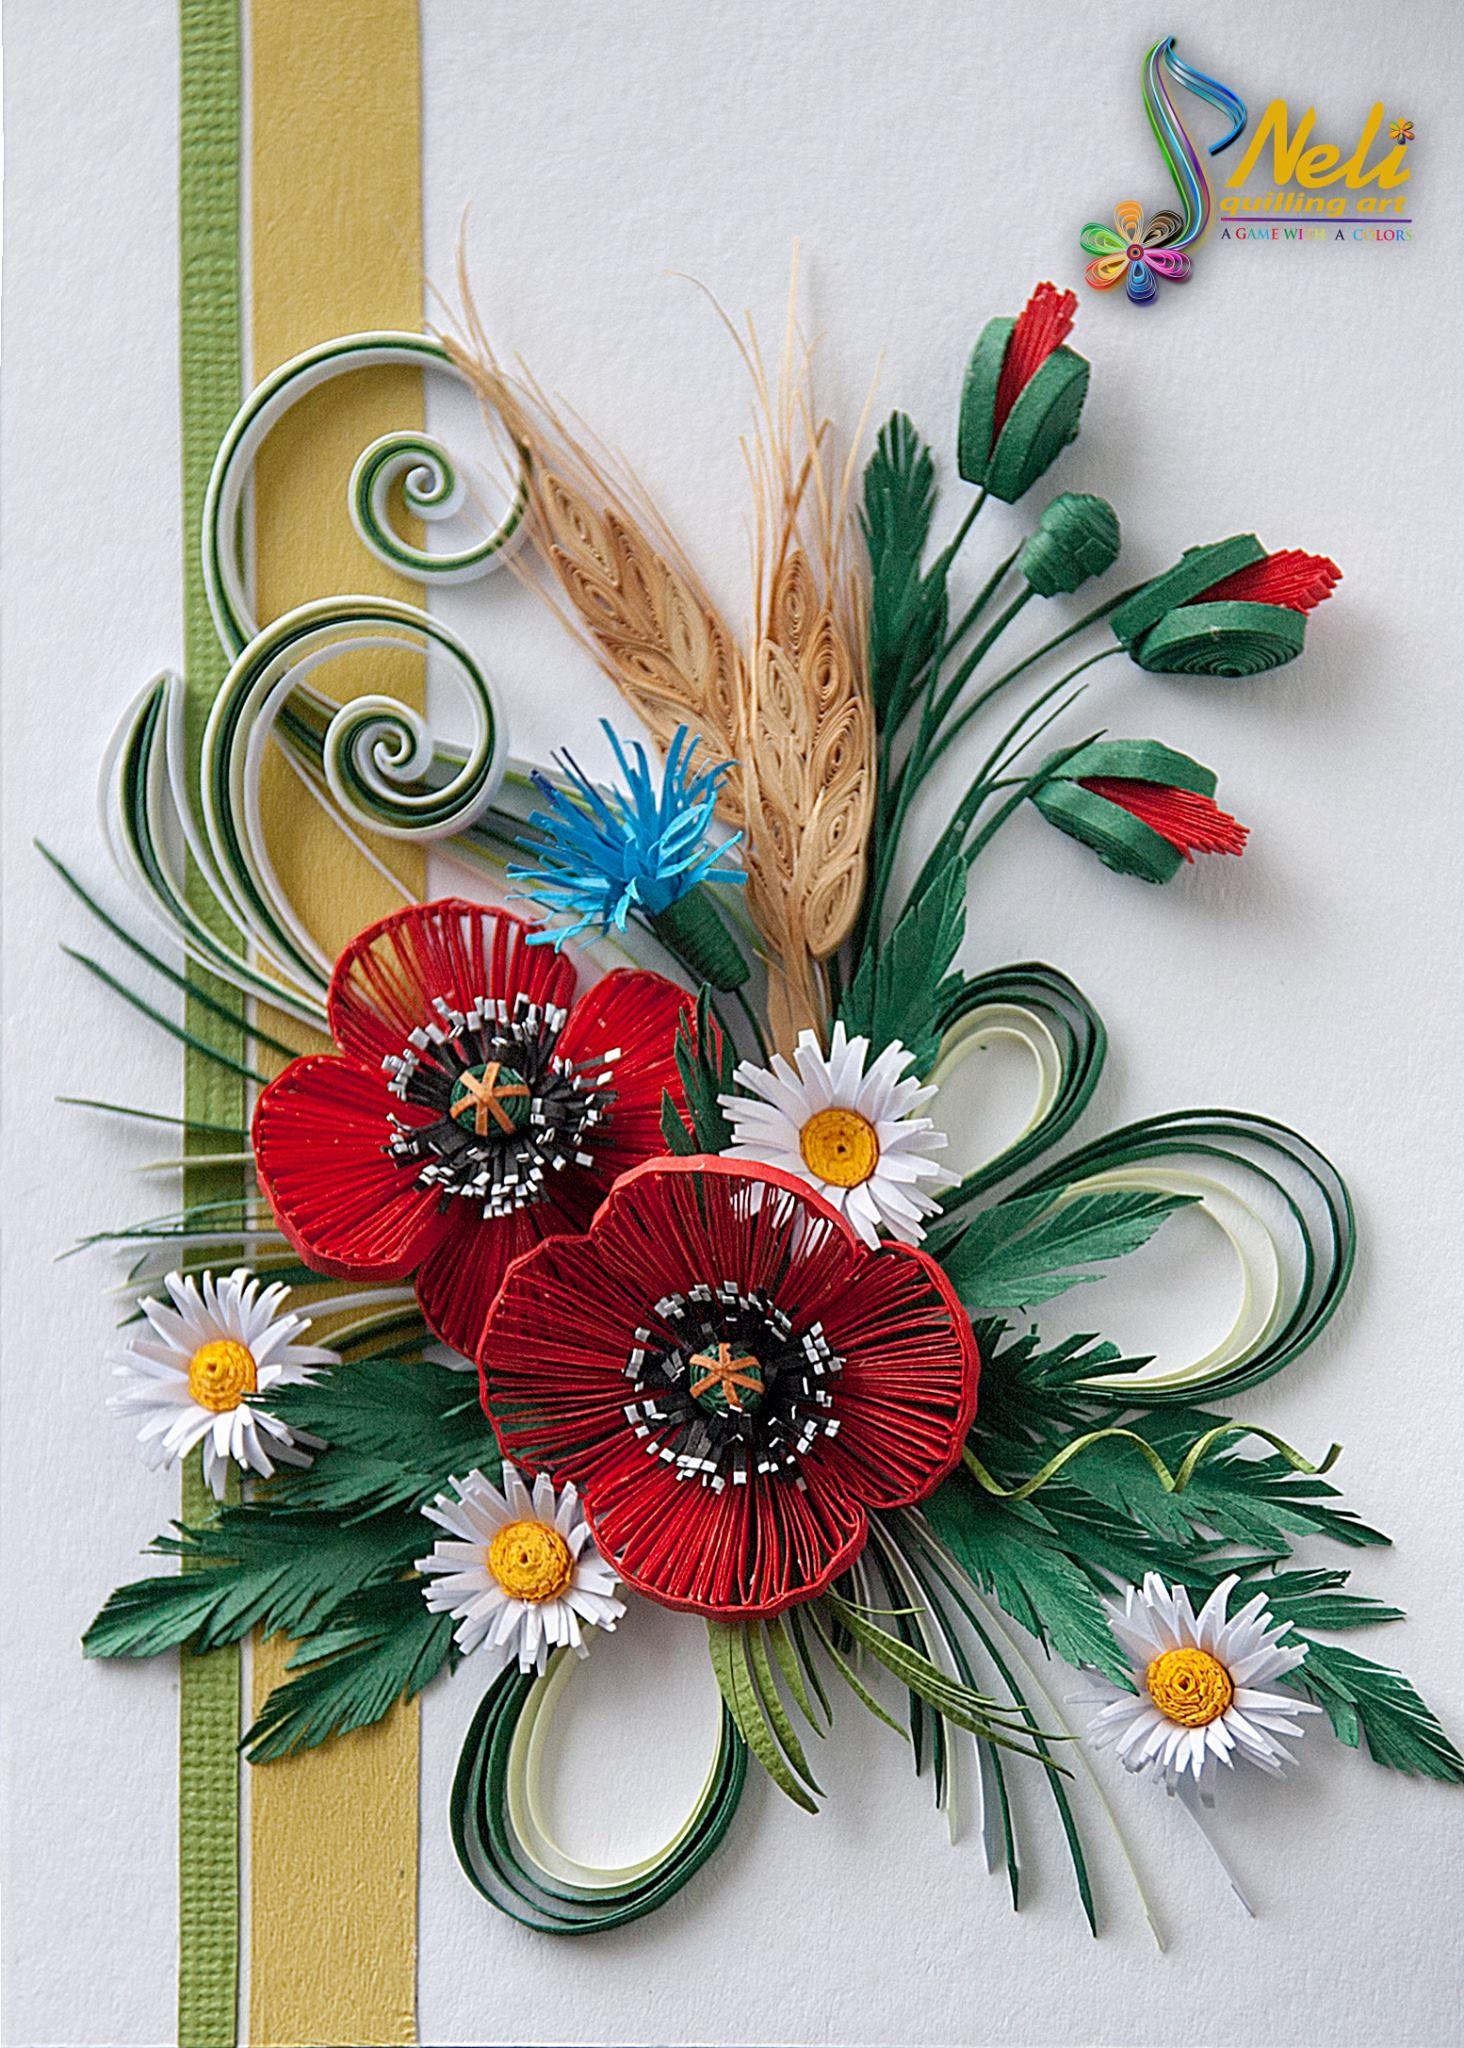 Quilling Neli! | Paper quilling flowers, Neli quilling ...